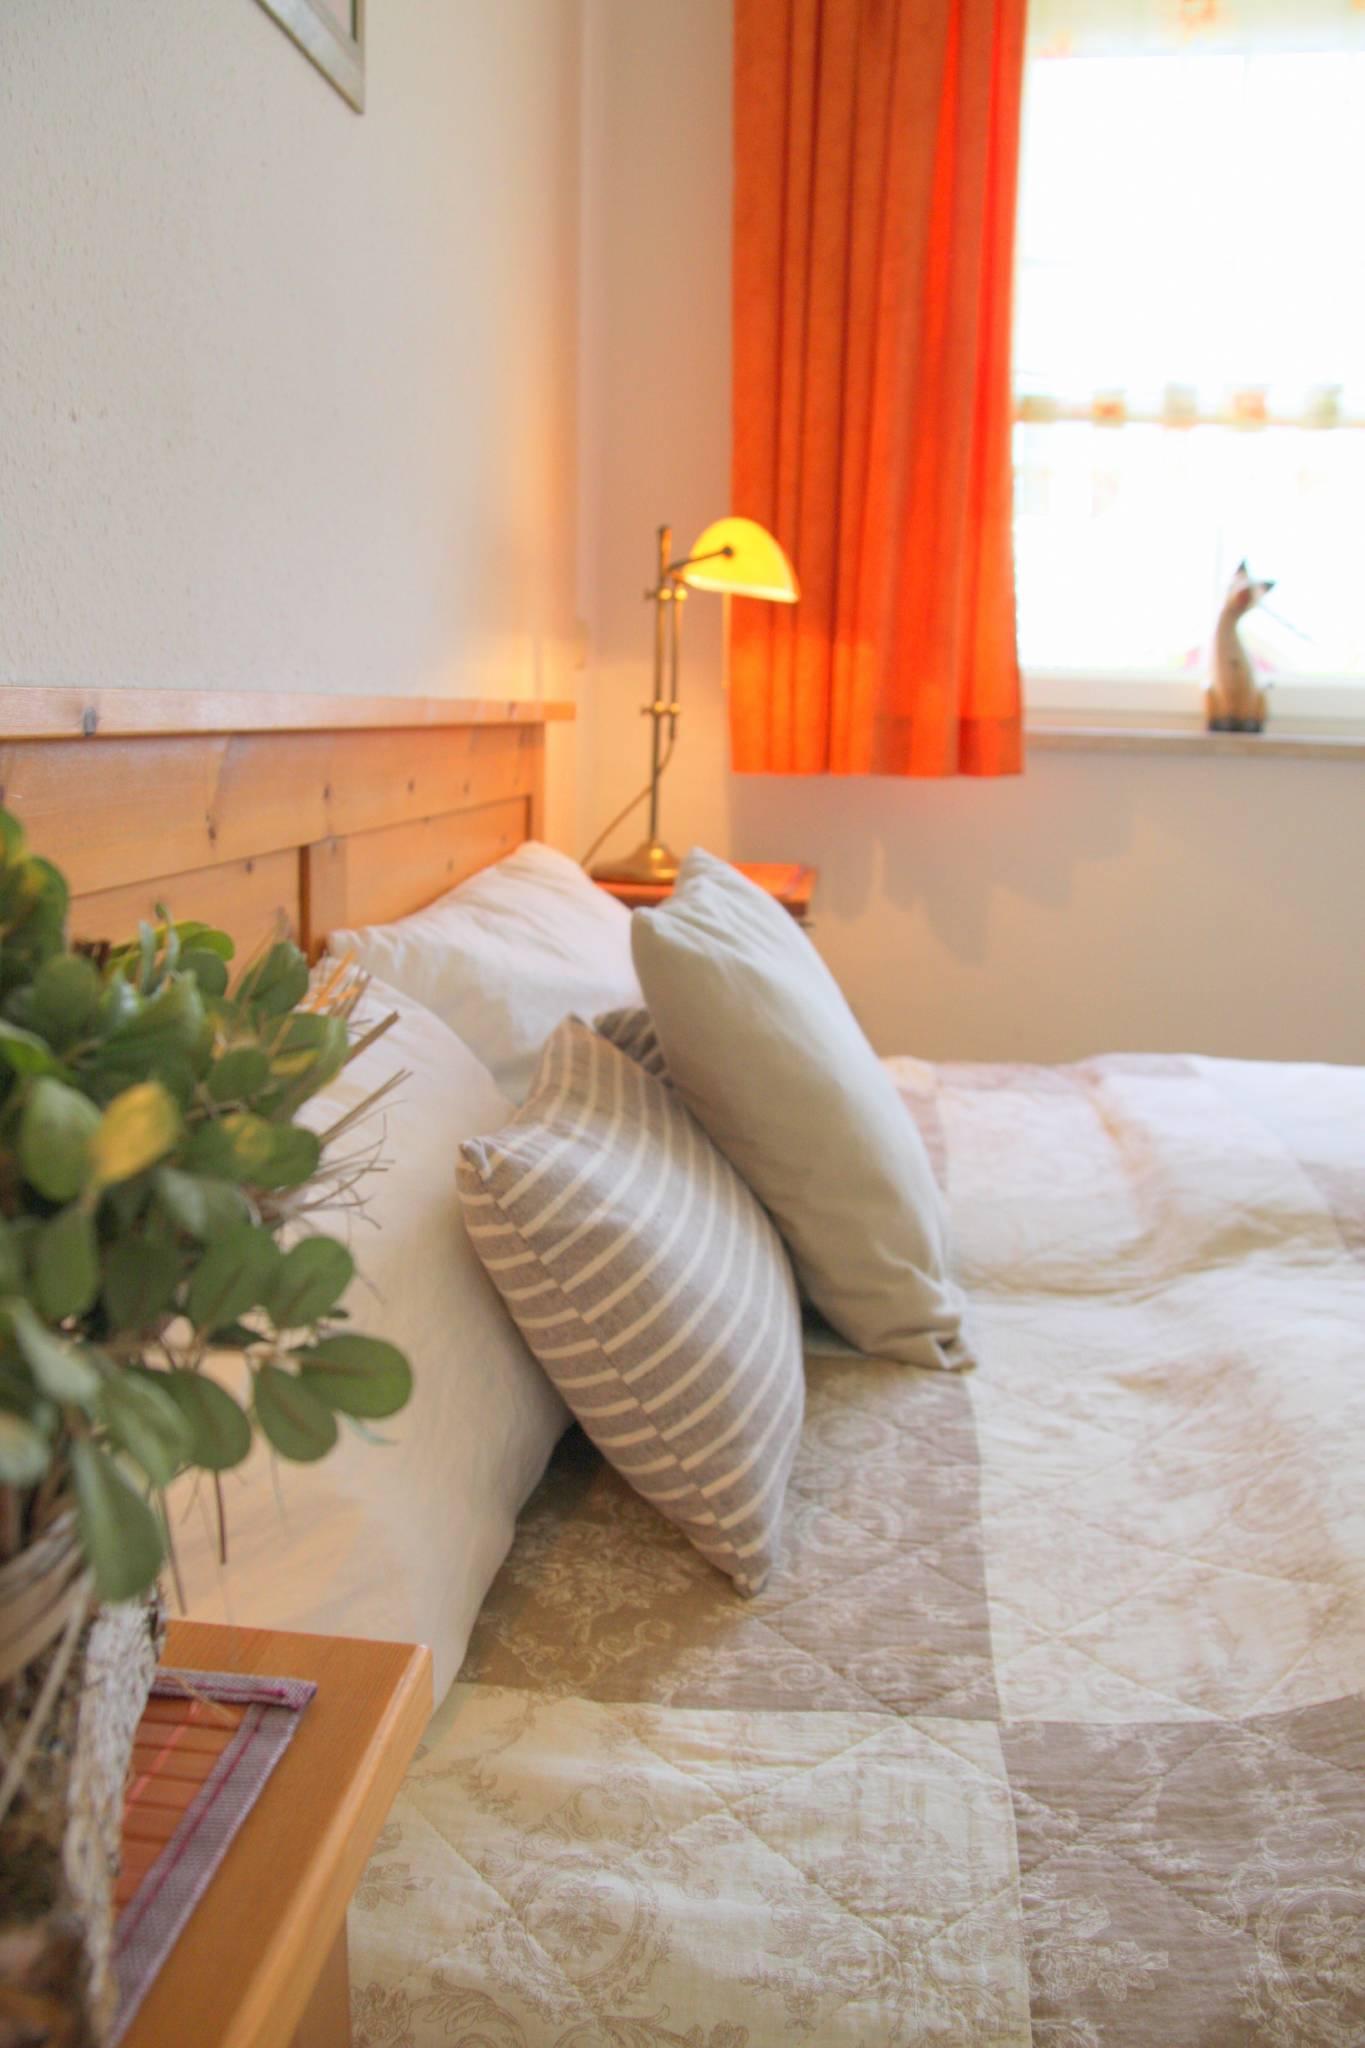 Wohnzimmer mit Schlafsofa und Esstisch